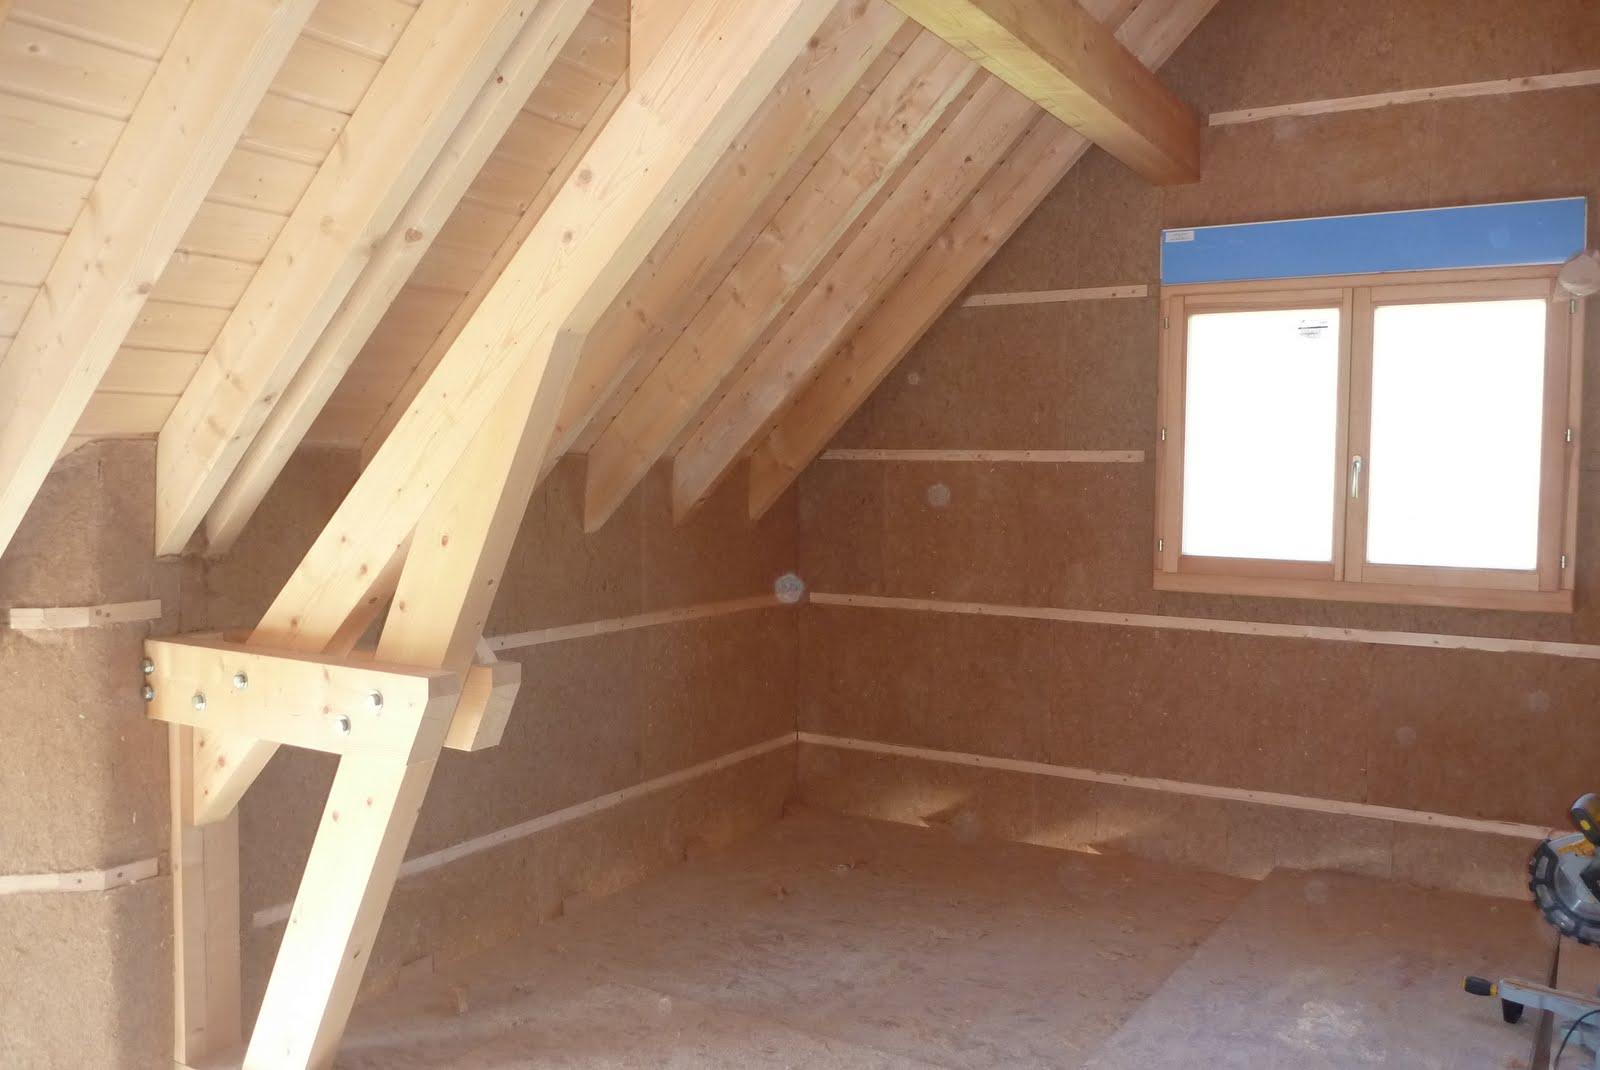 construire sa maison toit isolation pare vapeur. Black Bedroom Furniture Sets. Home Design Ideas